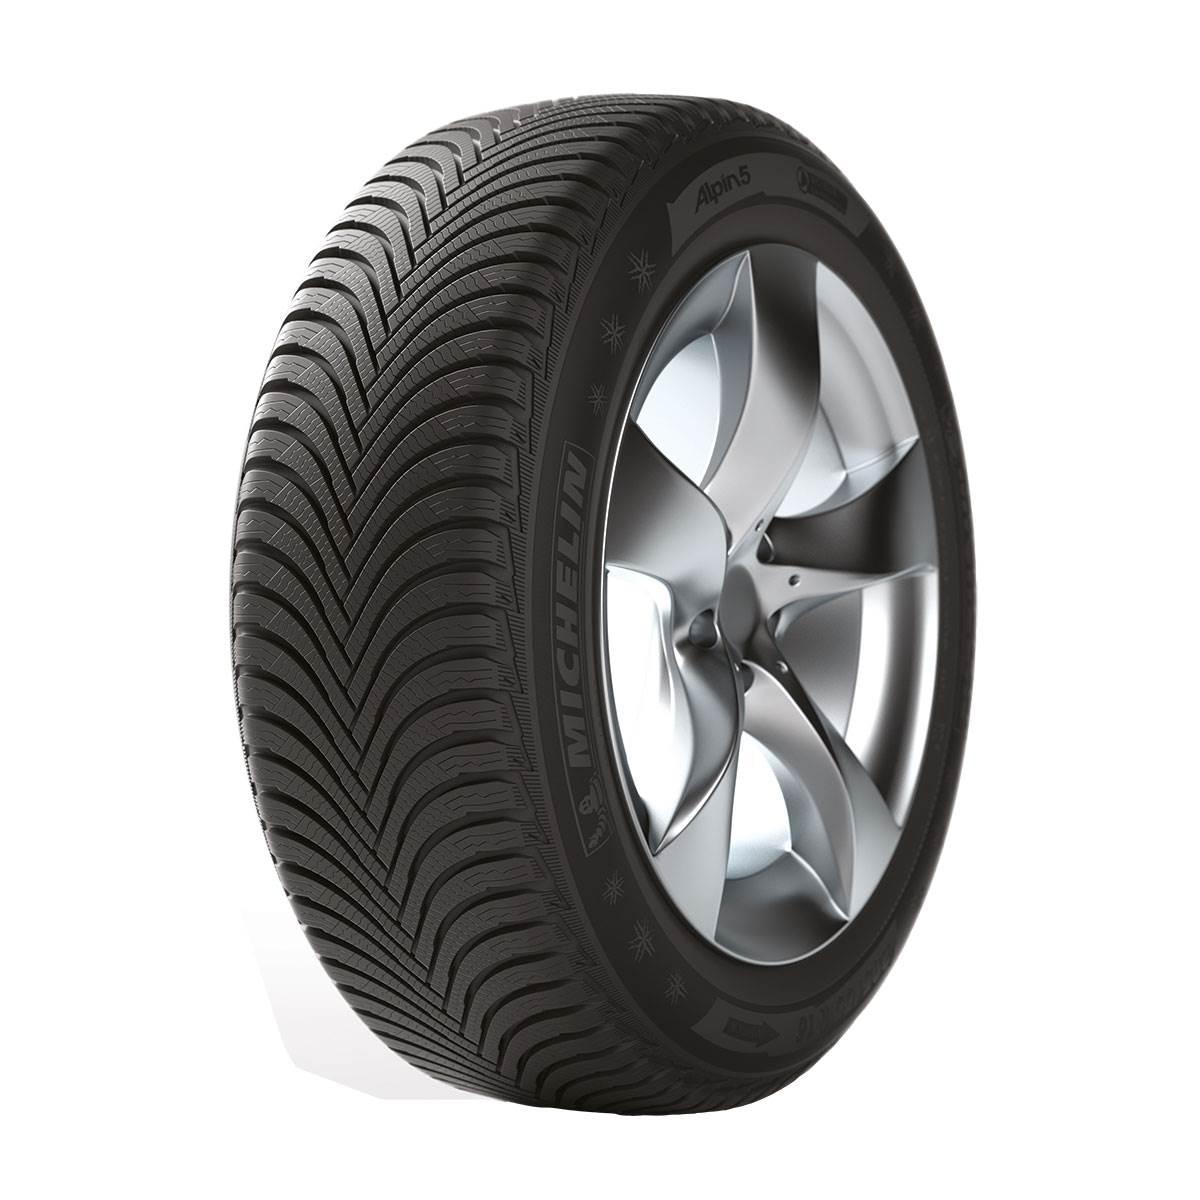 Pneu Hiver Michelin 215/45R16 90H Alpin A5 XL